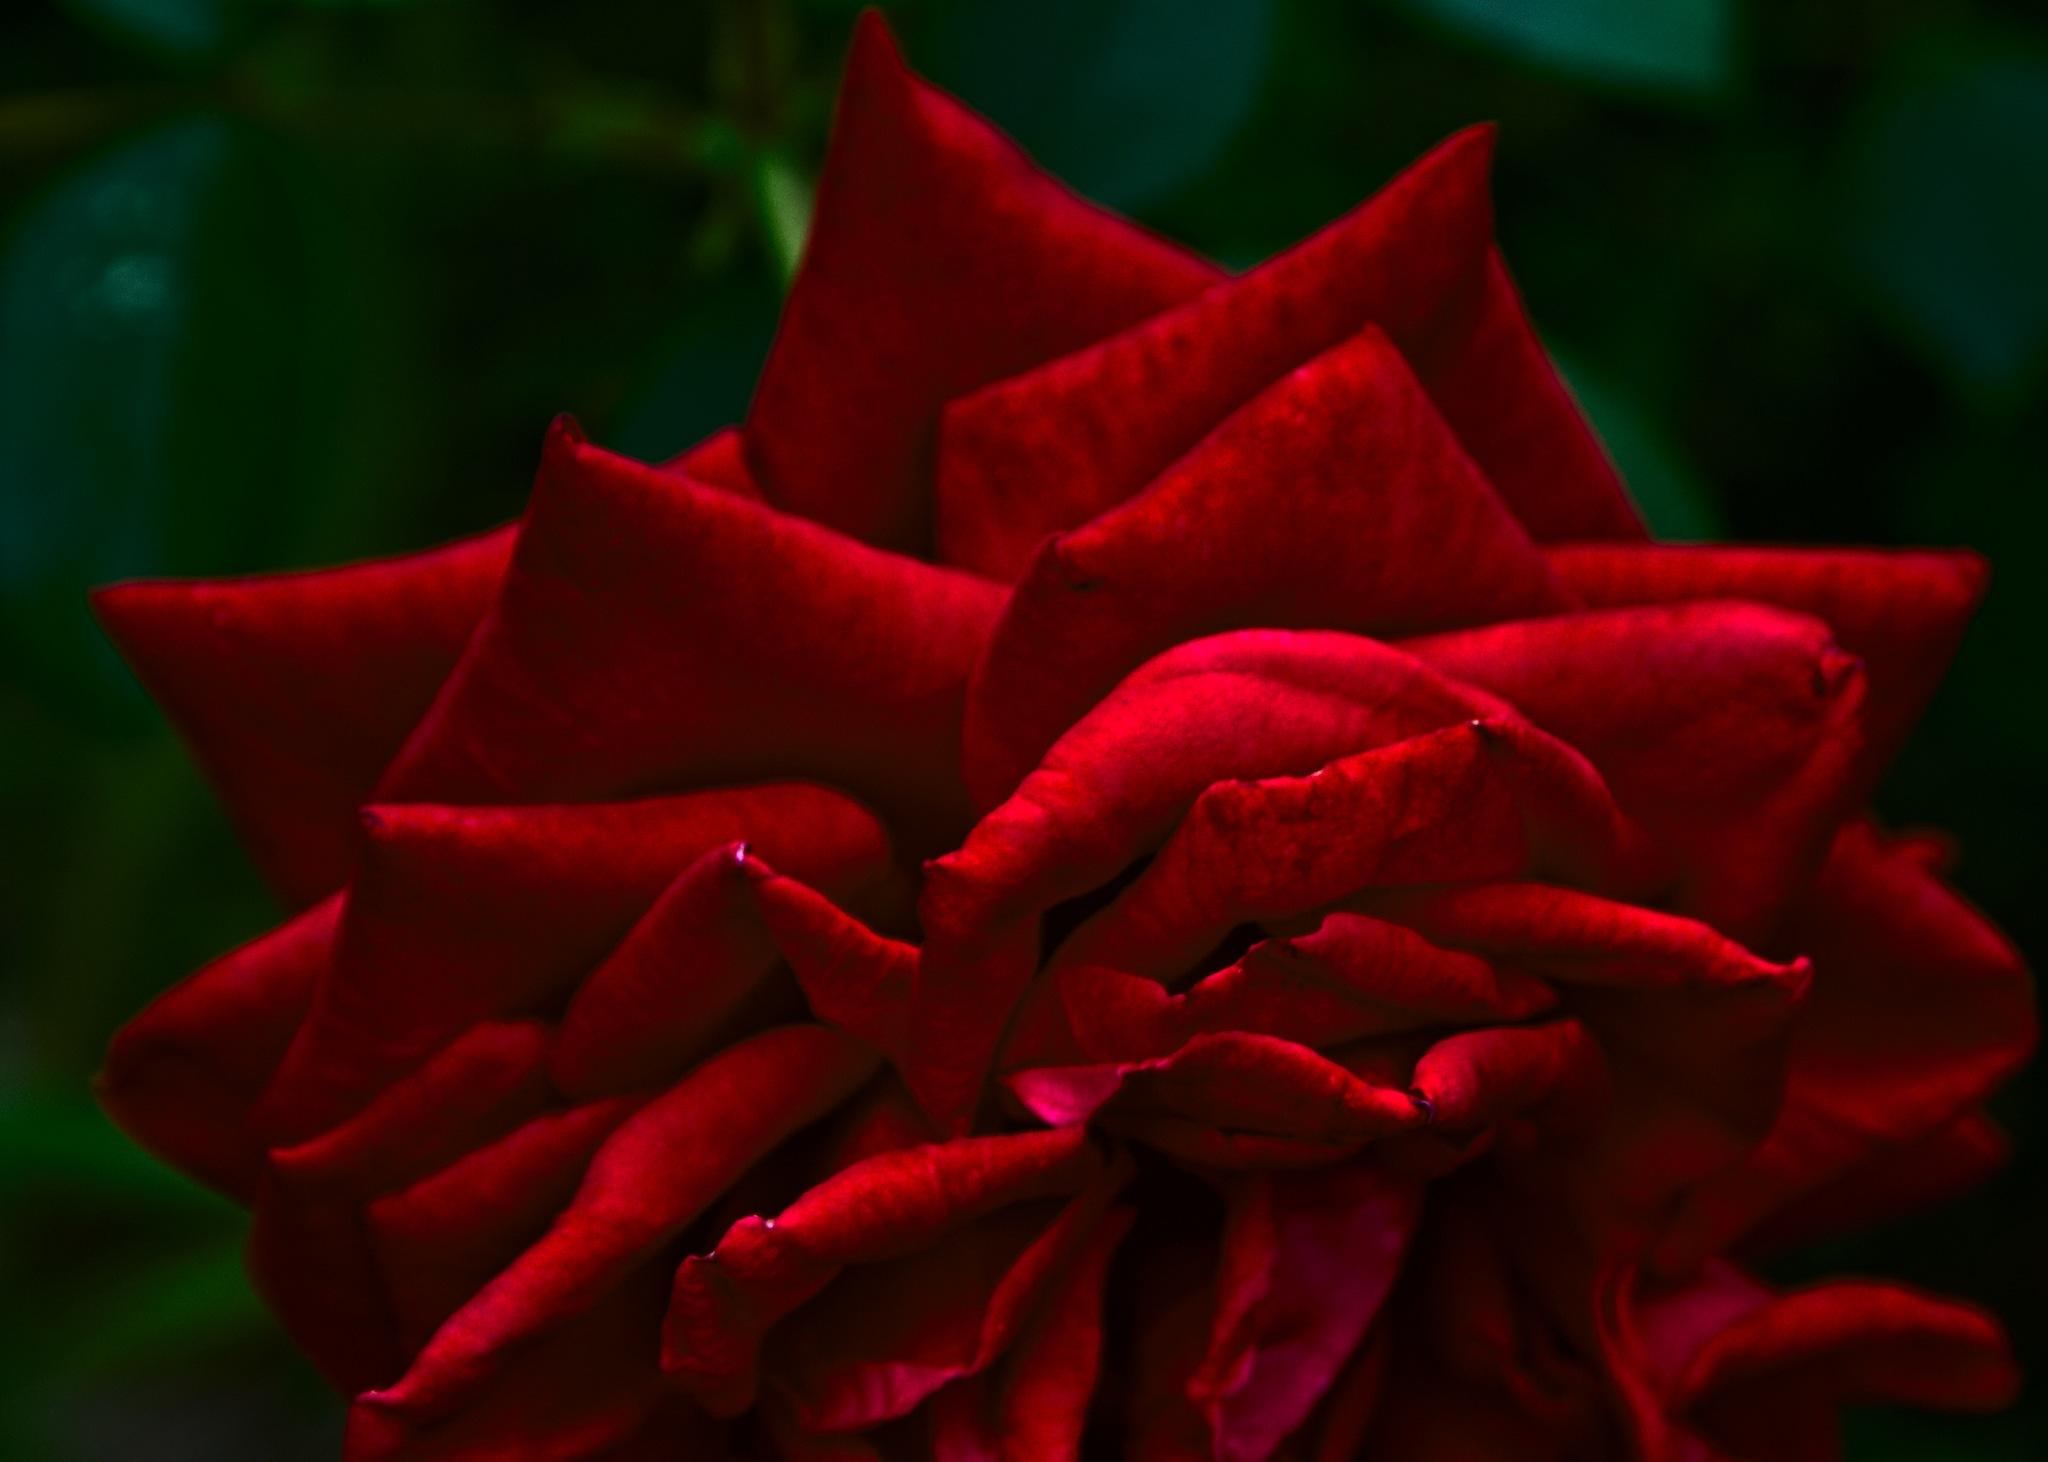 Red rose / 2 by Евгений Козлов